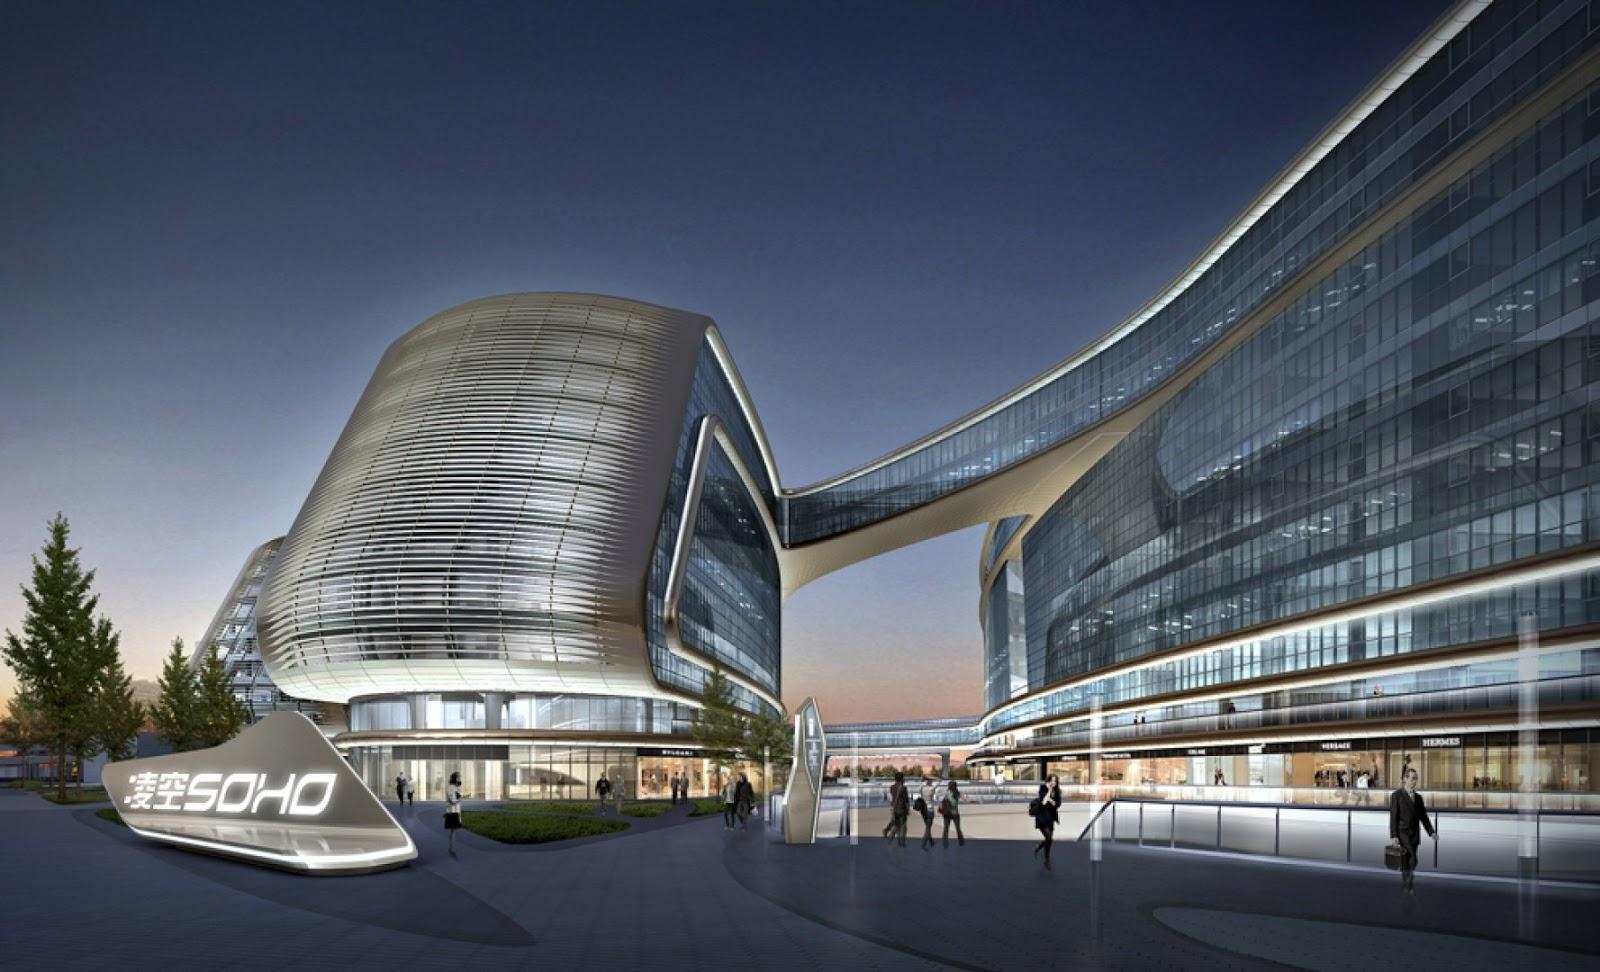 Futuristic sky soho by zaha hadid architects shanghai for Architecture zaha hadid